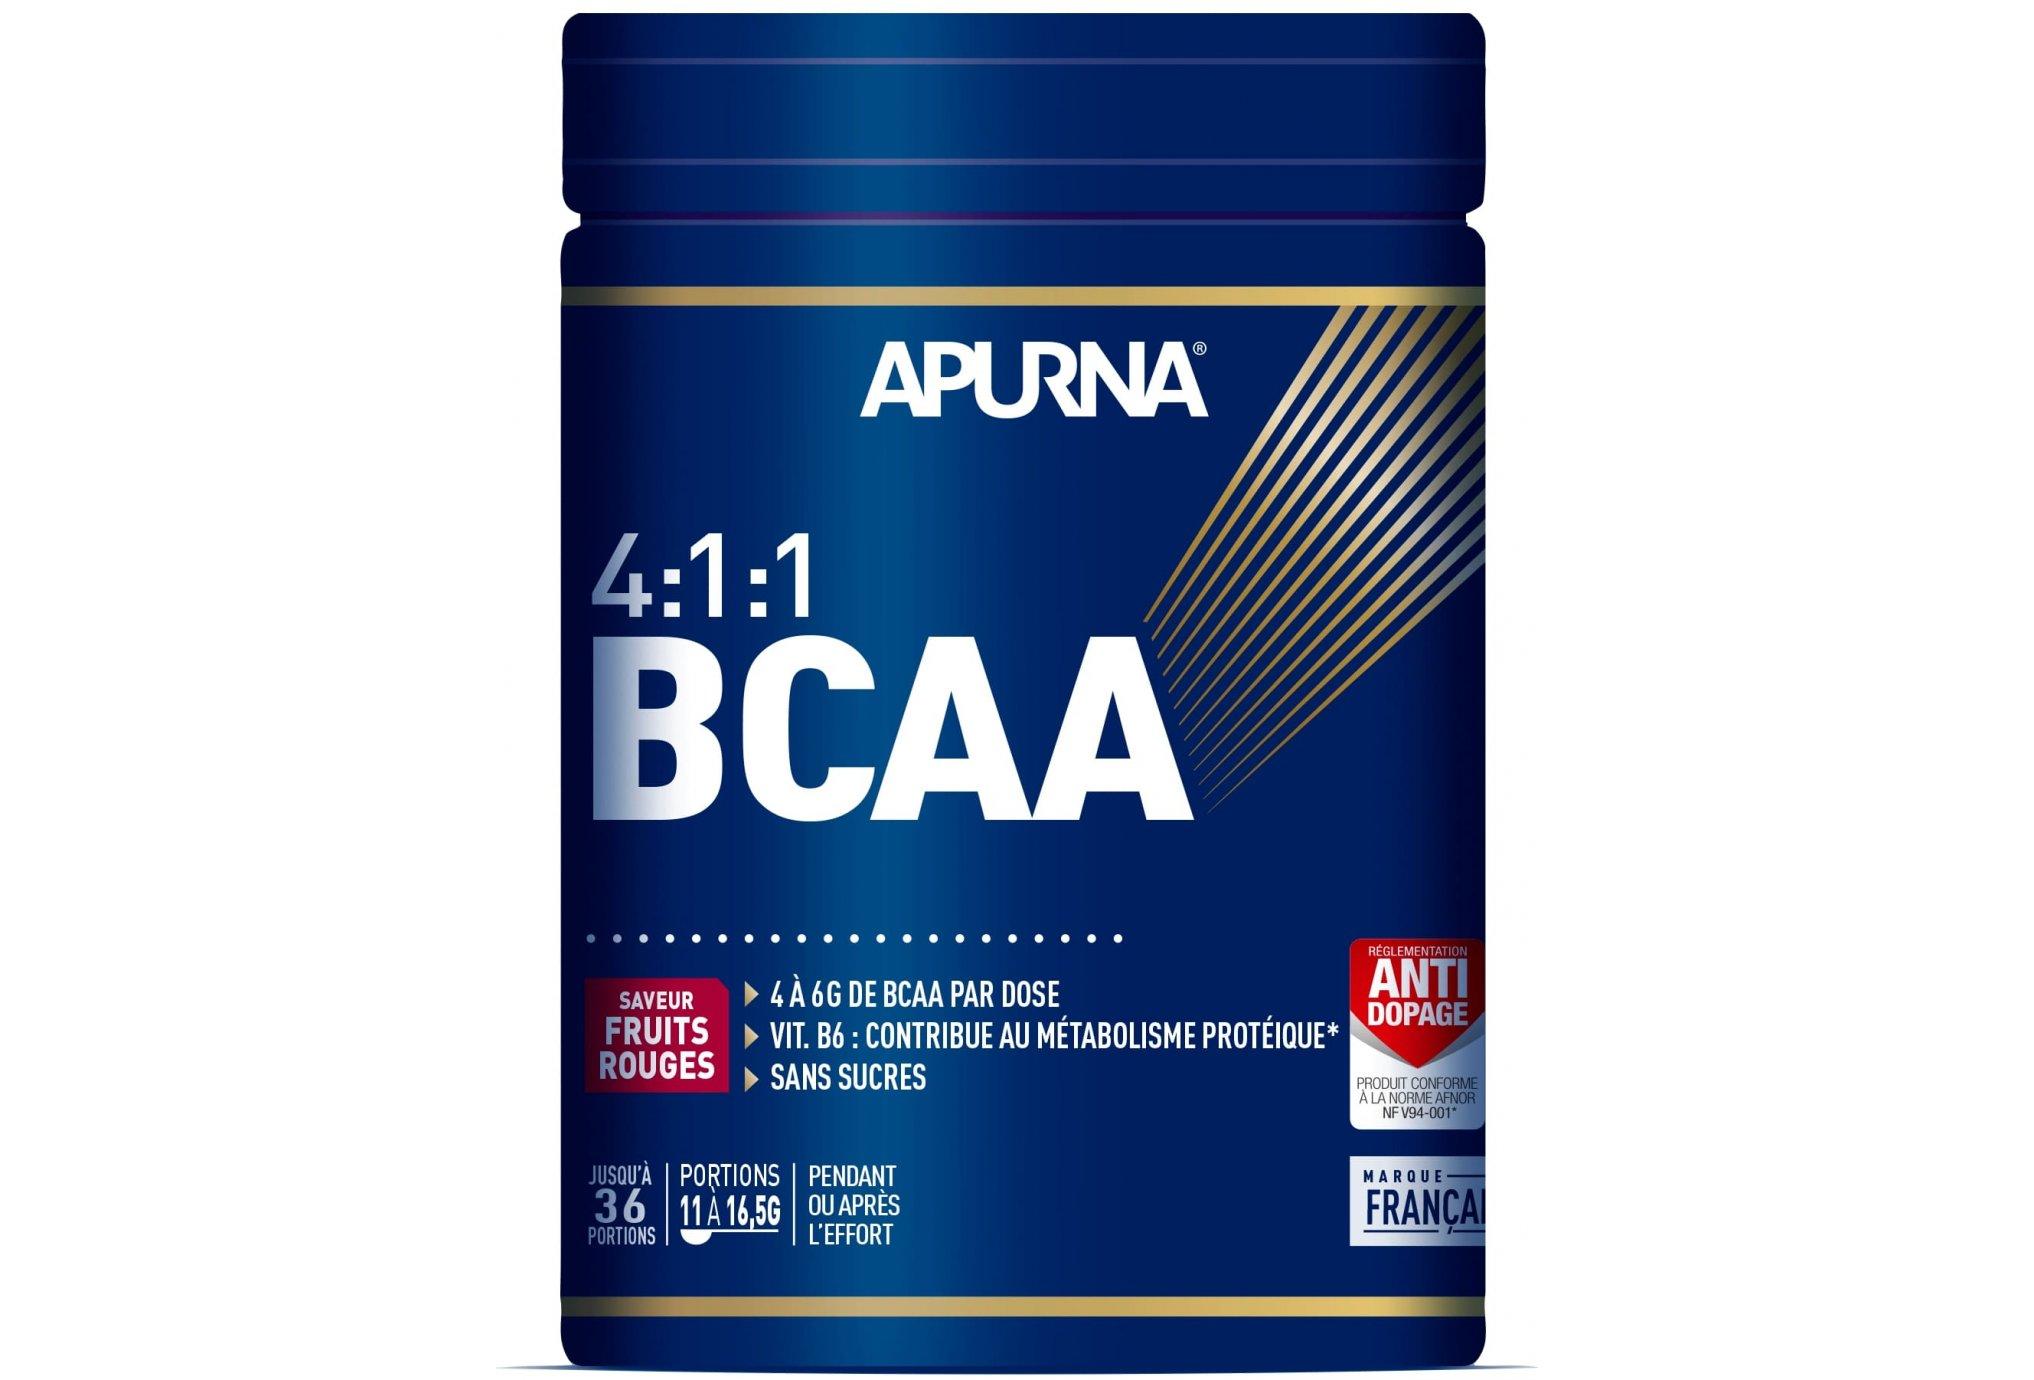 Apurna BCAA 4.1.1 - Fruits rouges - 400 g Diététique Protéines / récupération